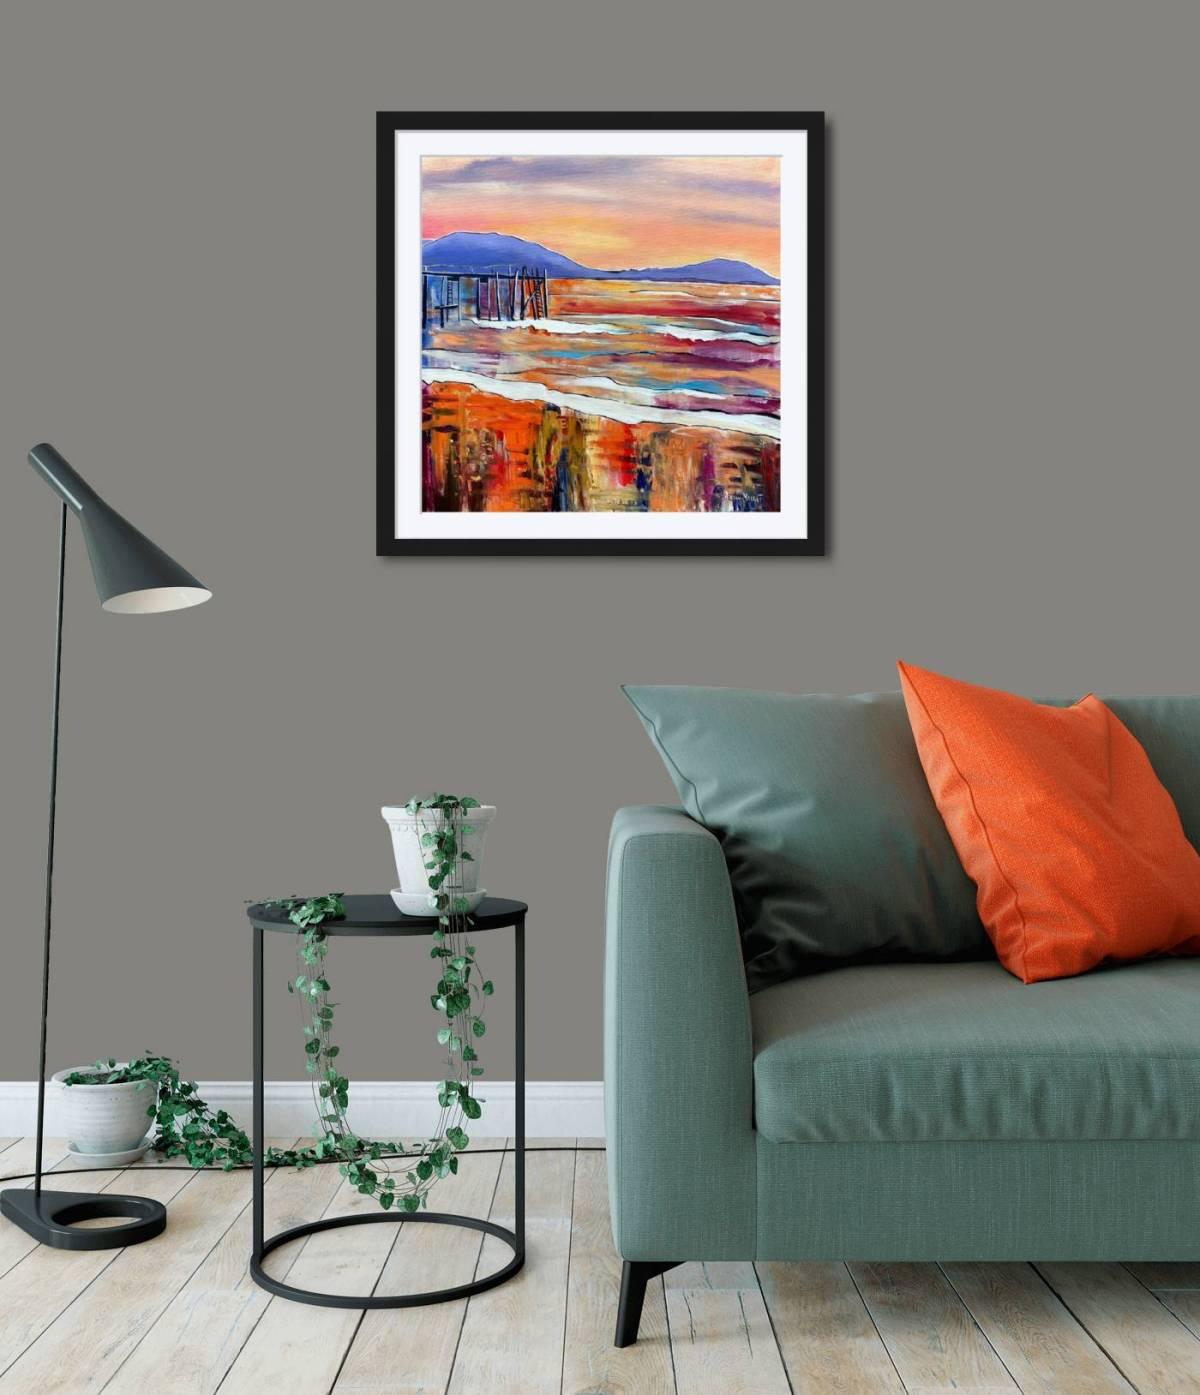 Kinnegar Pier Sunset in Room